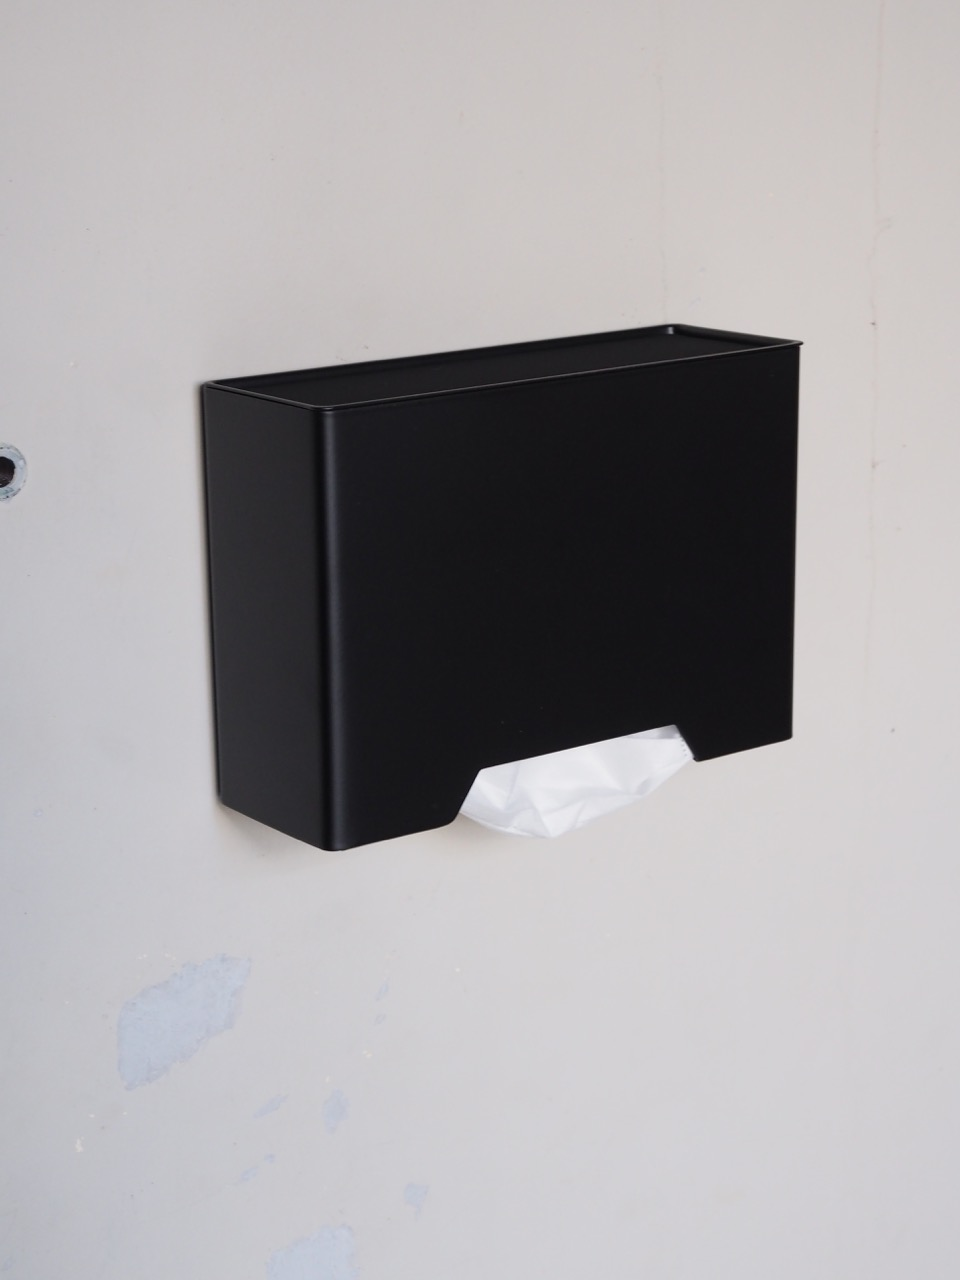 マスク忘れを防止するボックス